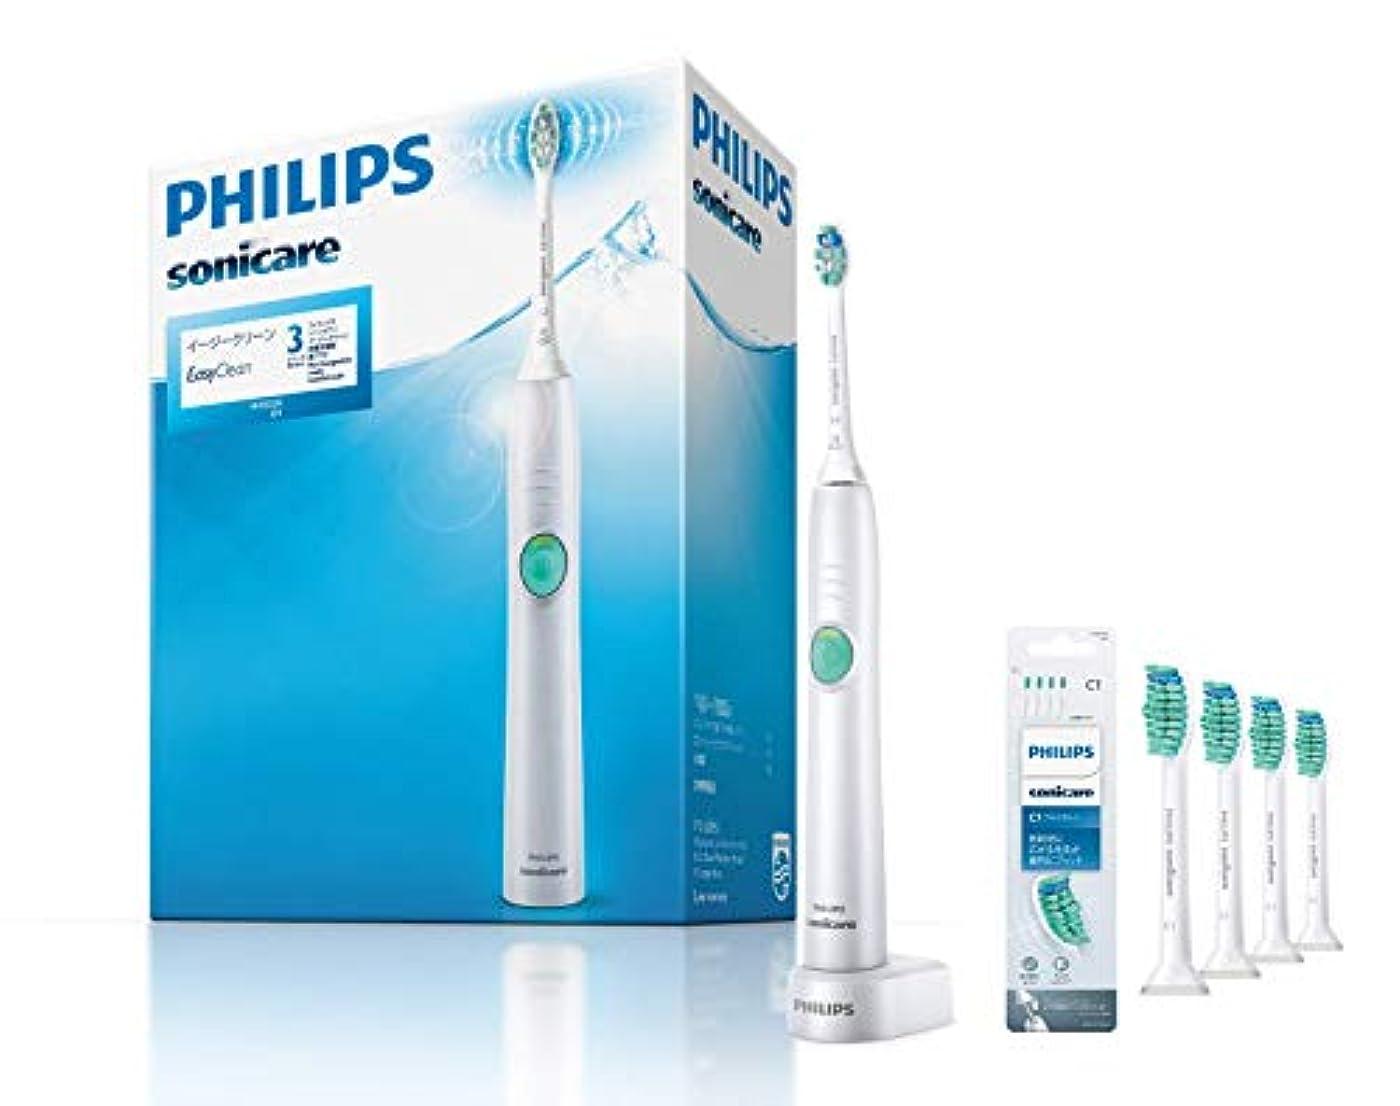 すり減る着飾るわずらわしいフィリップス ソニッケアー イージークリーン 電動歯ブラシ ホワイト HX6551/01 + (正規品) 替えブラシ レギュラーサイズ 4本組 HX6014/63